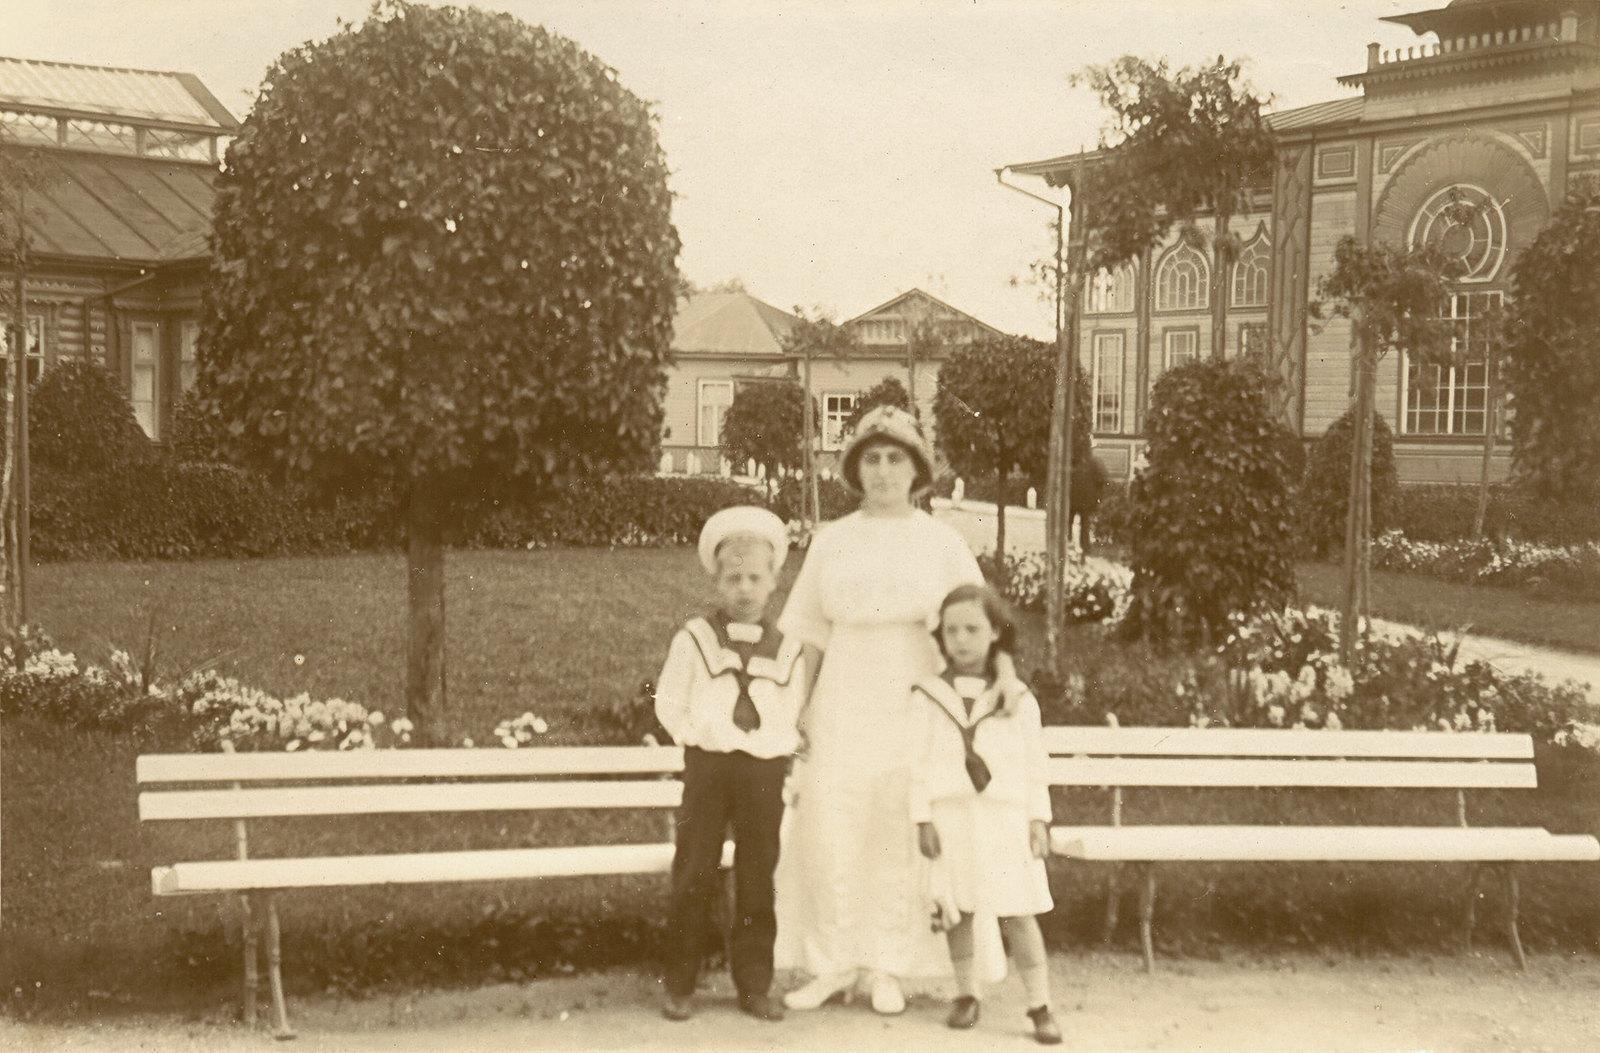 Фани Львовна Борштейн со своими детьми Борей и Еленой в курортном парке